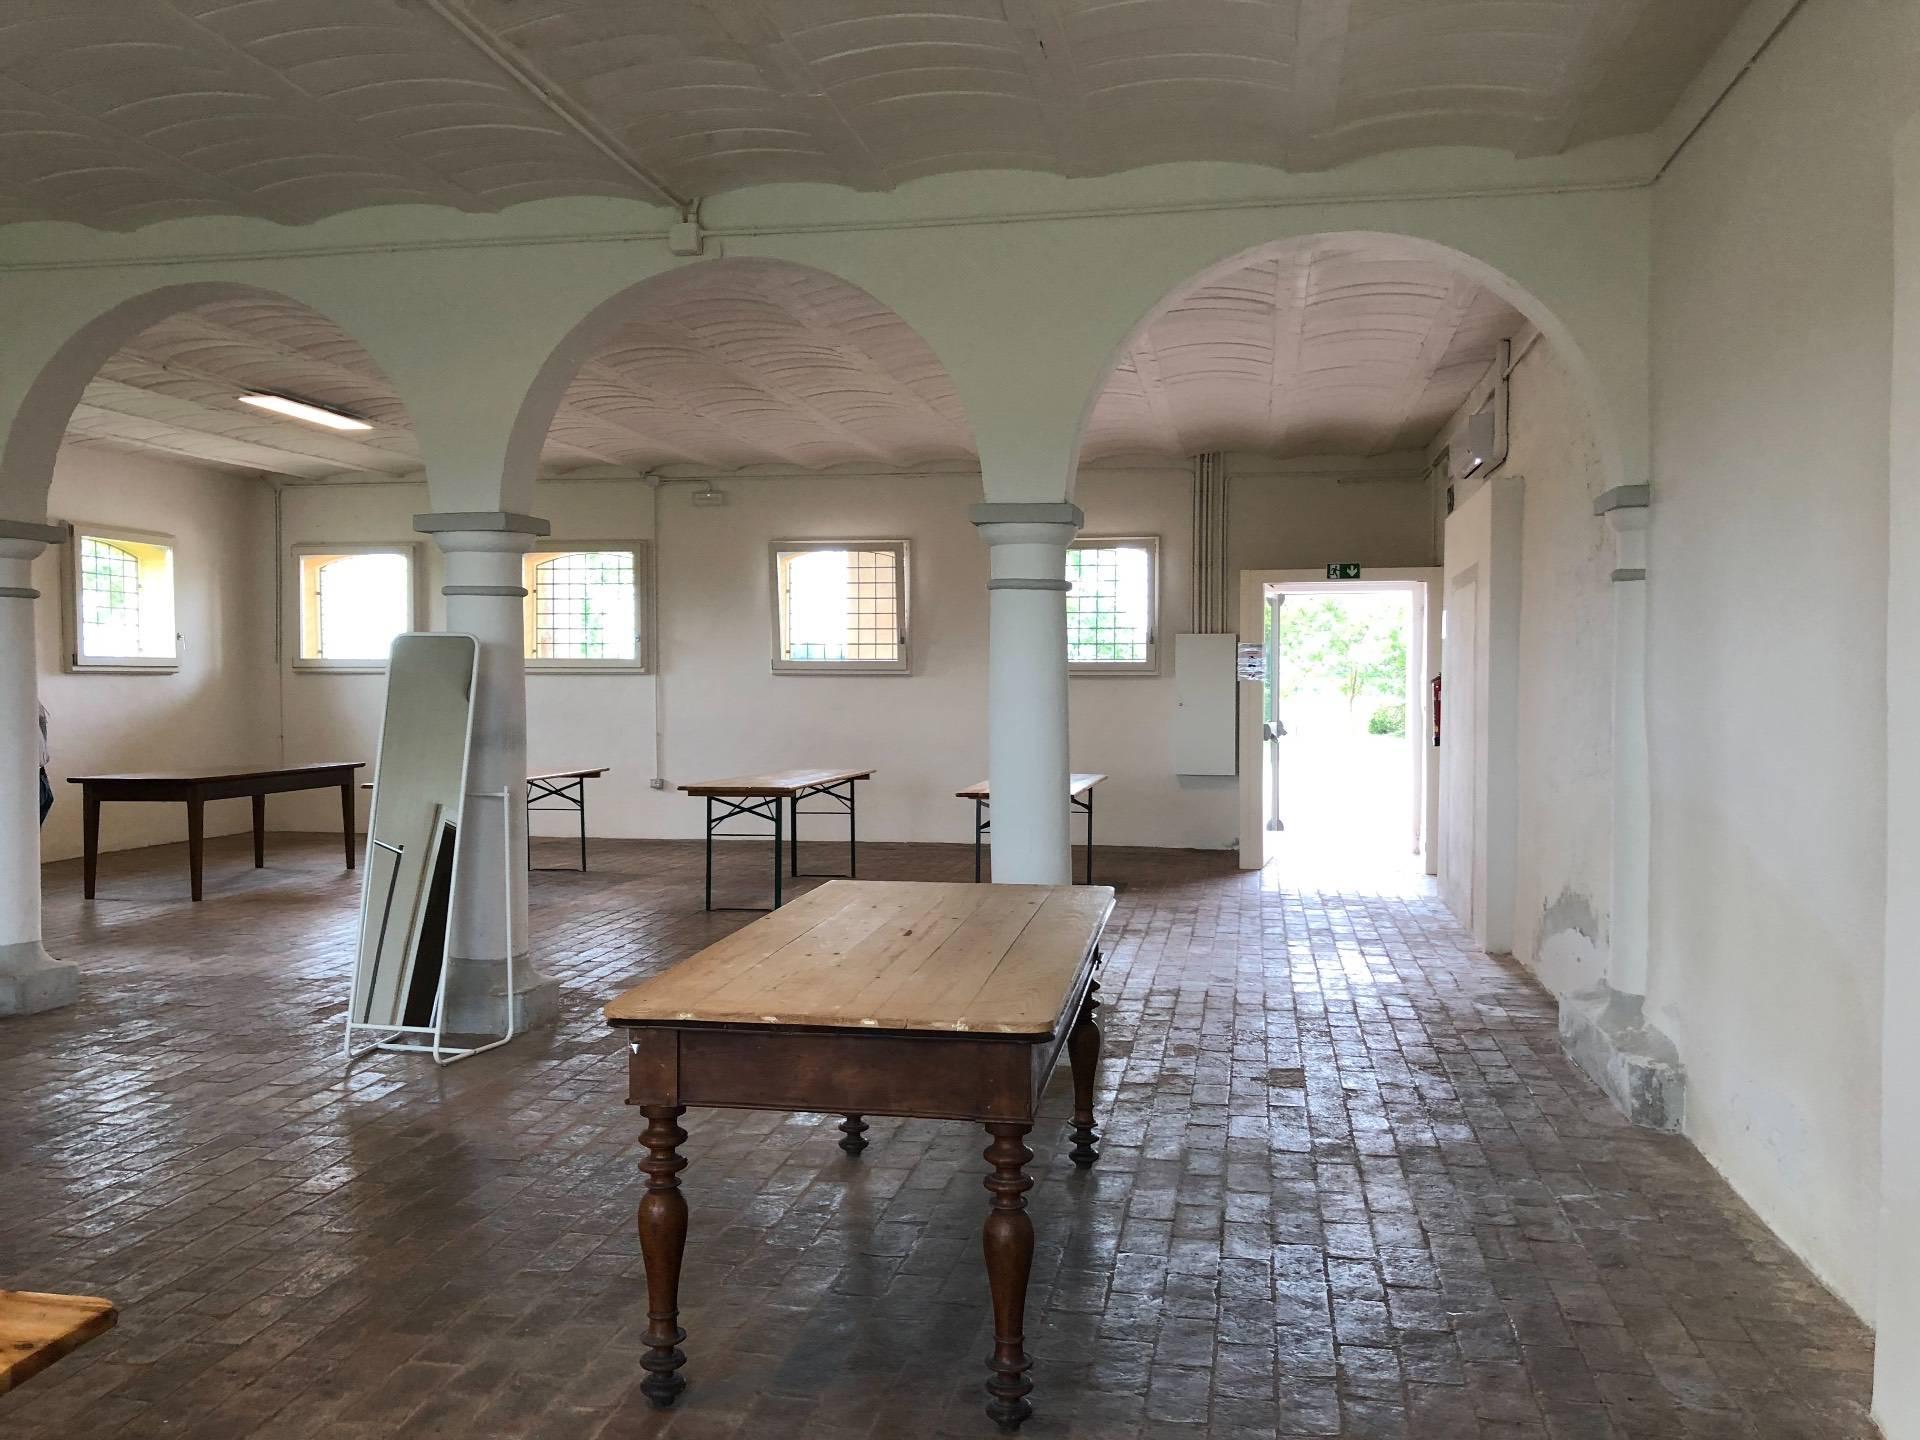 Ufficio / Studio in affitto a Monastier di Treviso, 9999 locali, zona Località: ChiesaVecchia, prezzo € 950 | CambioCasa.it